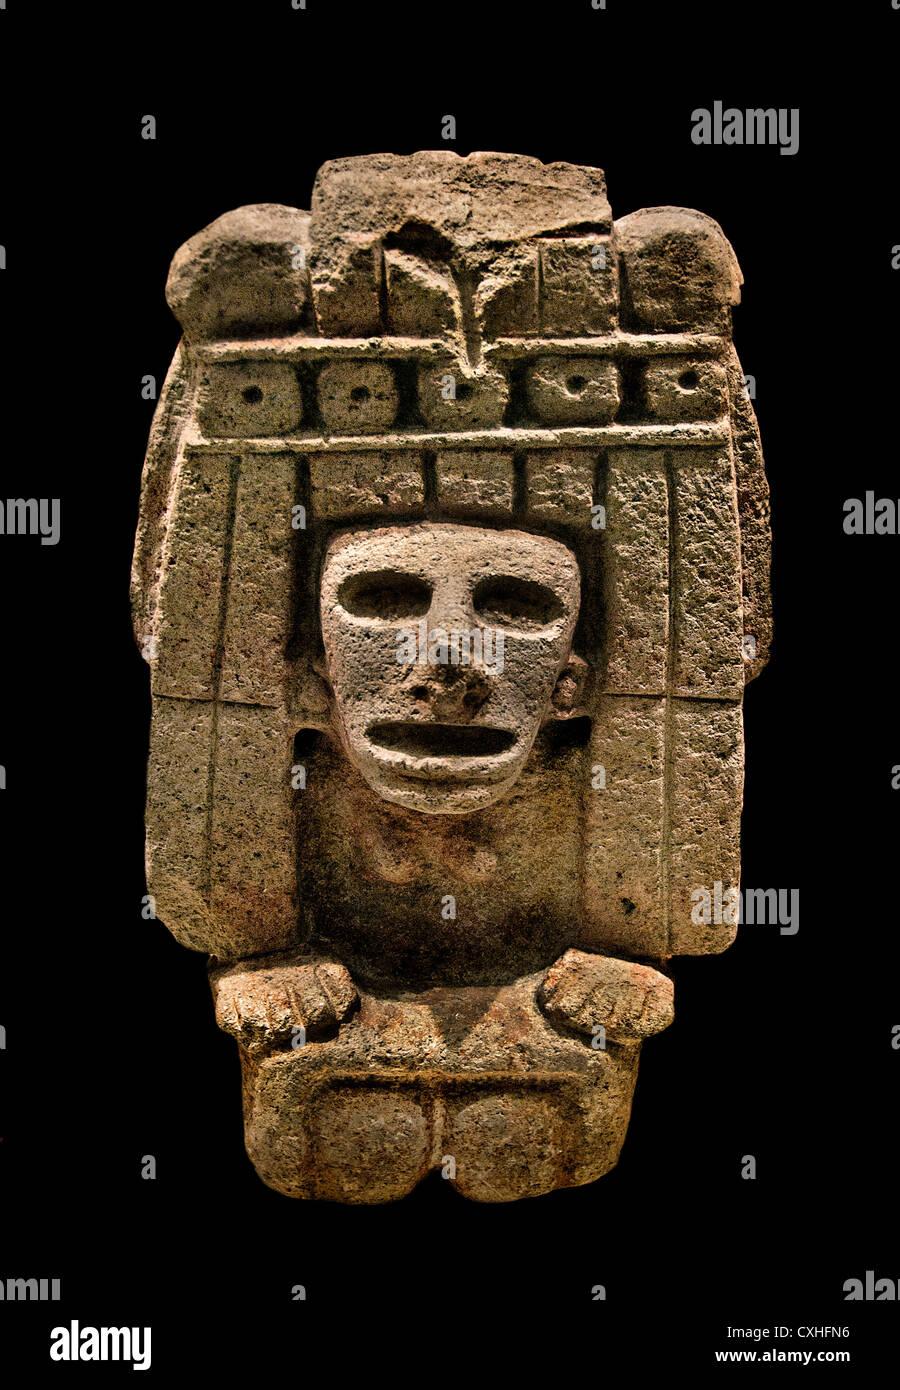 Divinità di mais Chicomecoat xv secolo Messico Mesoamerica basalto azteca 35,56 x cm Immagini Stock